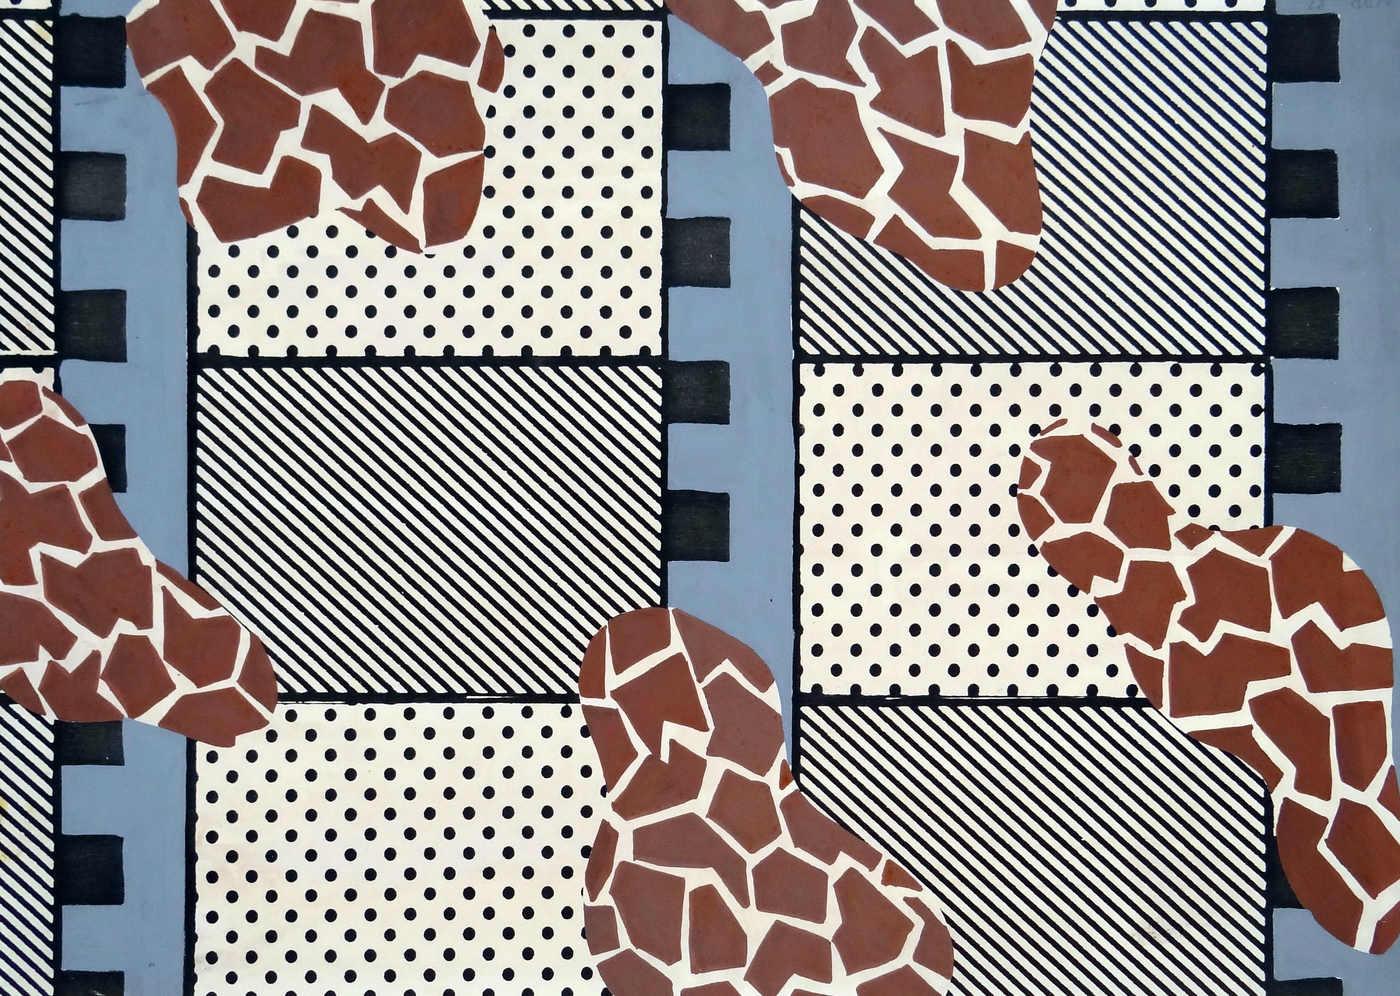 2_Nathalie-Du-Pasquier-Project-for-Textile_1983